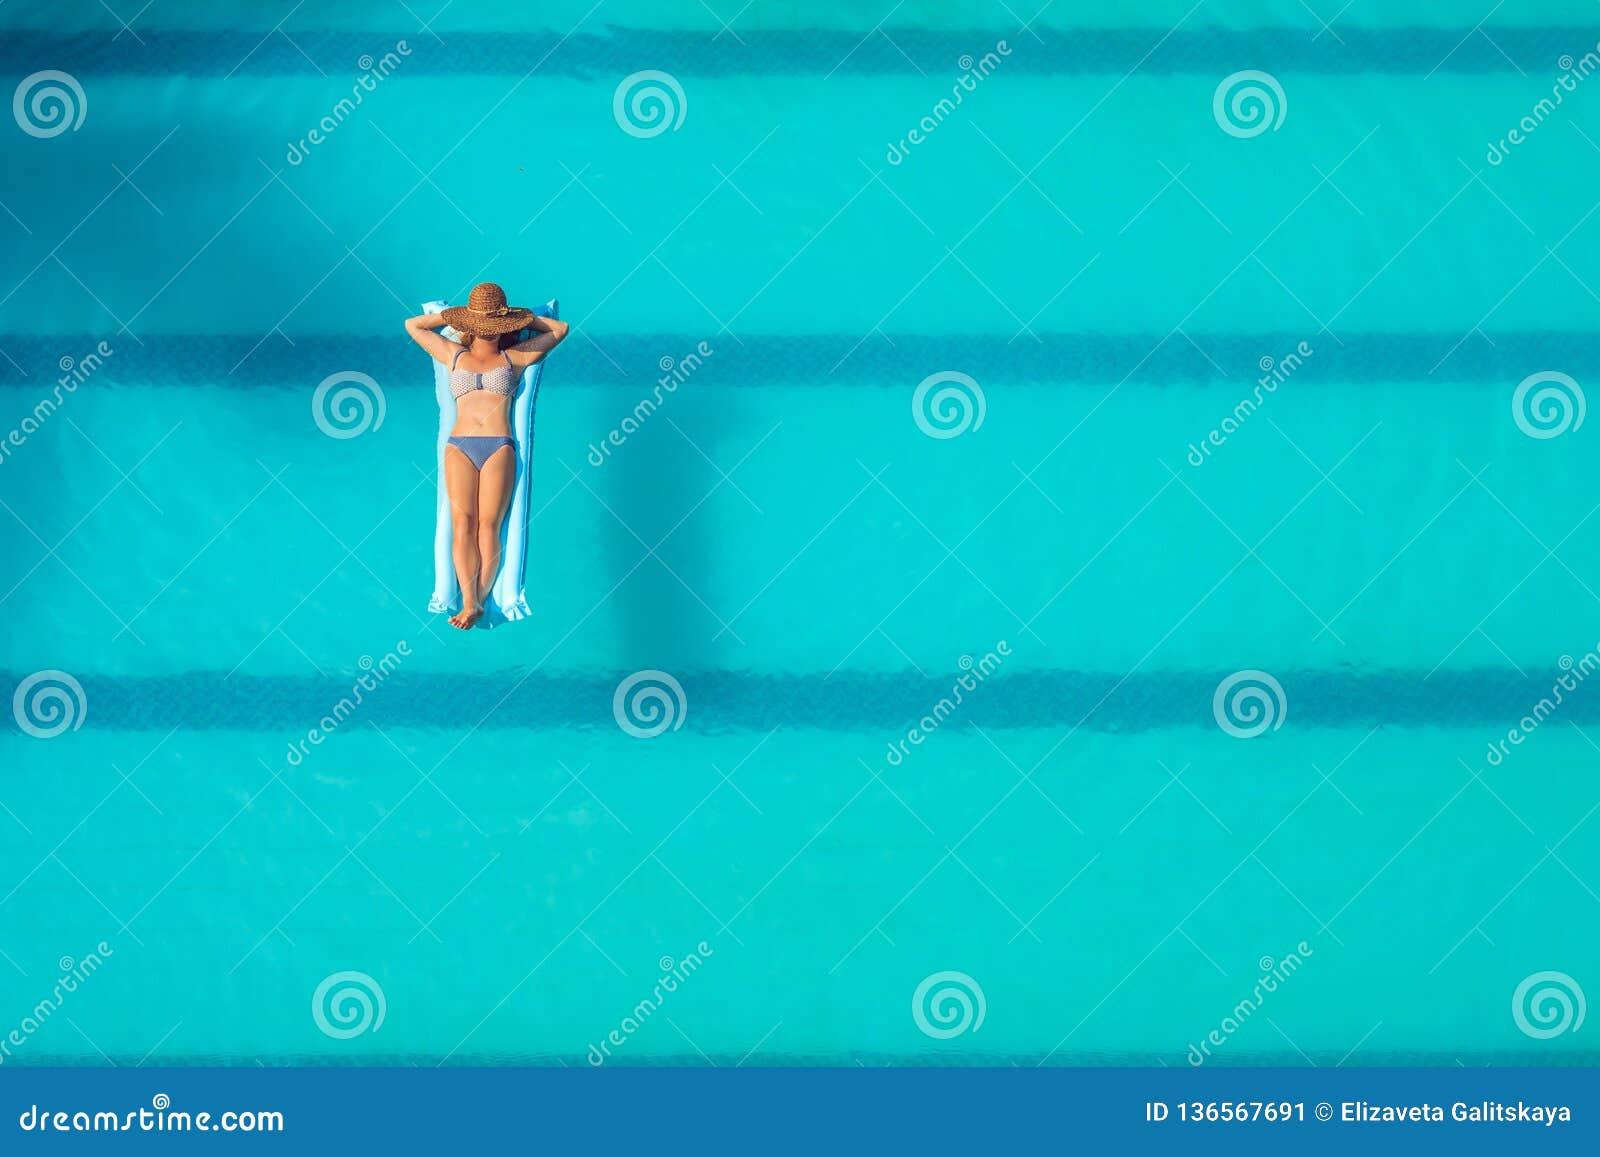 Genießen von Sonnenbräune Schöne junge Frau an einem Pool Draufsicht der dünnen jungen Frau im Bikini auf der blauen Luftmatraze